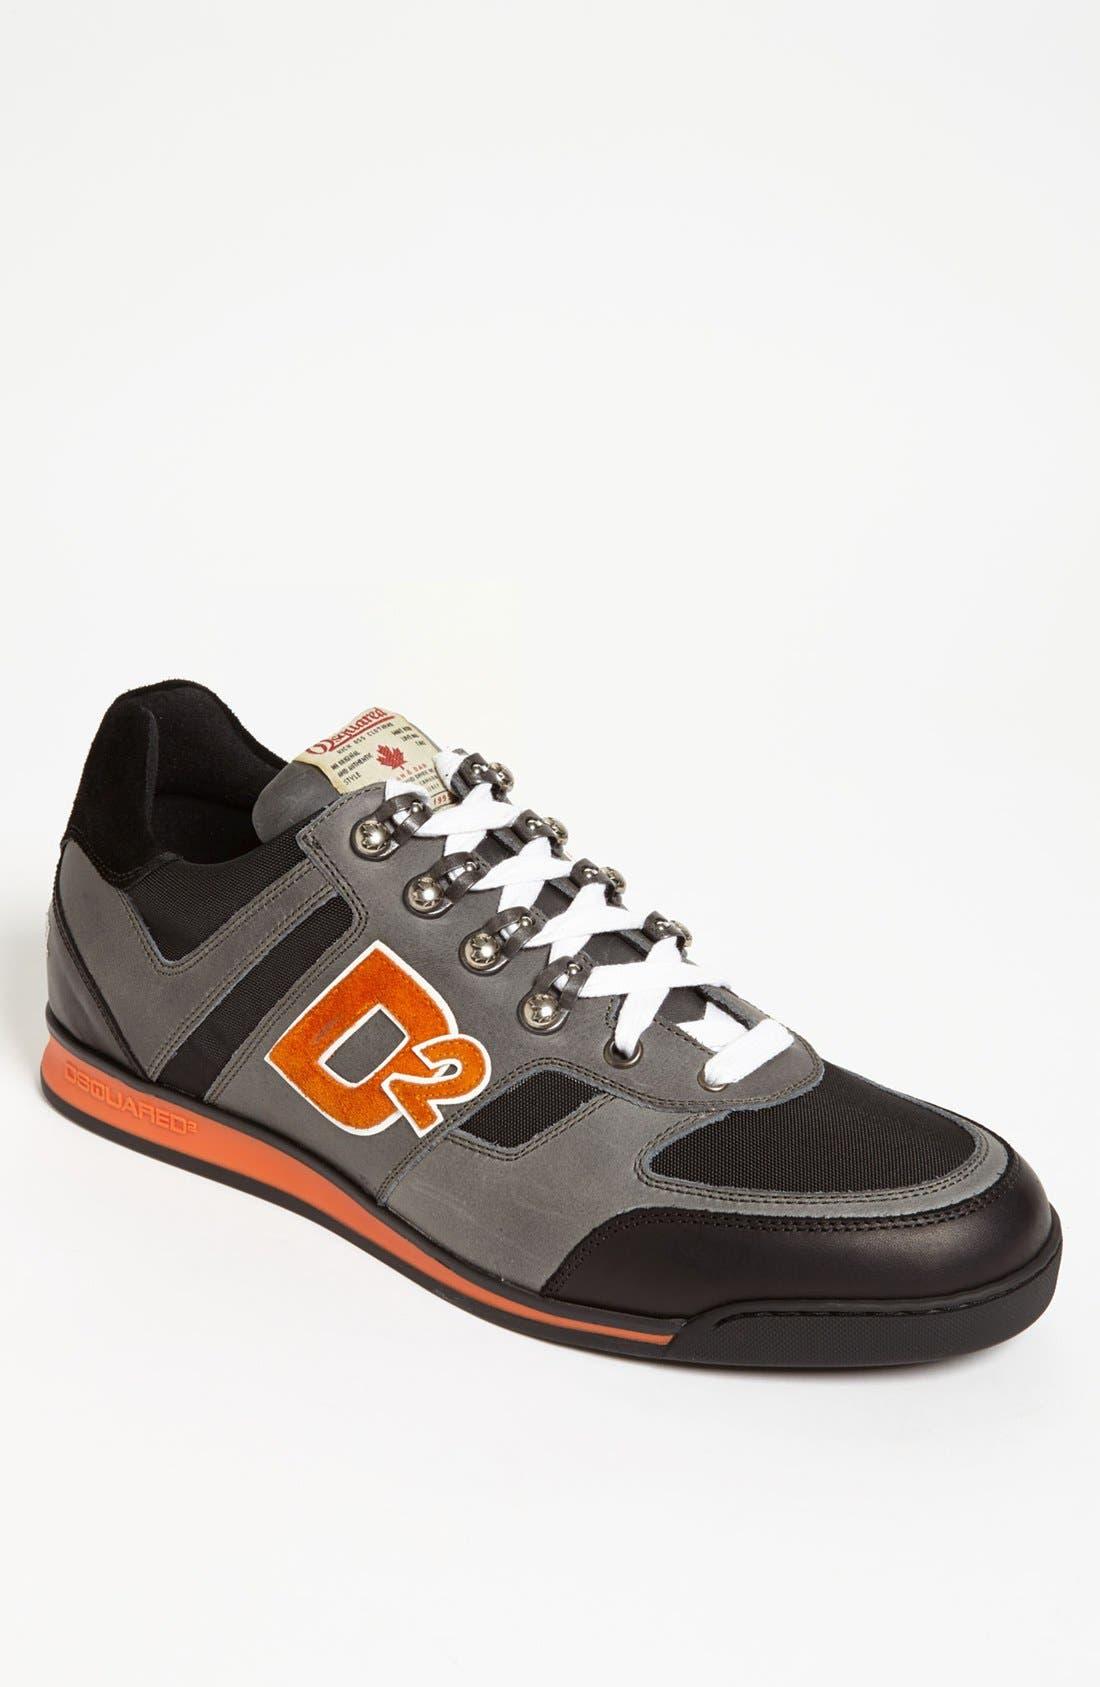 Alternate Image 1 Selected - Dsquared2 'Winner' Sneaker